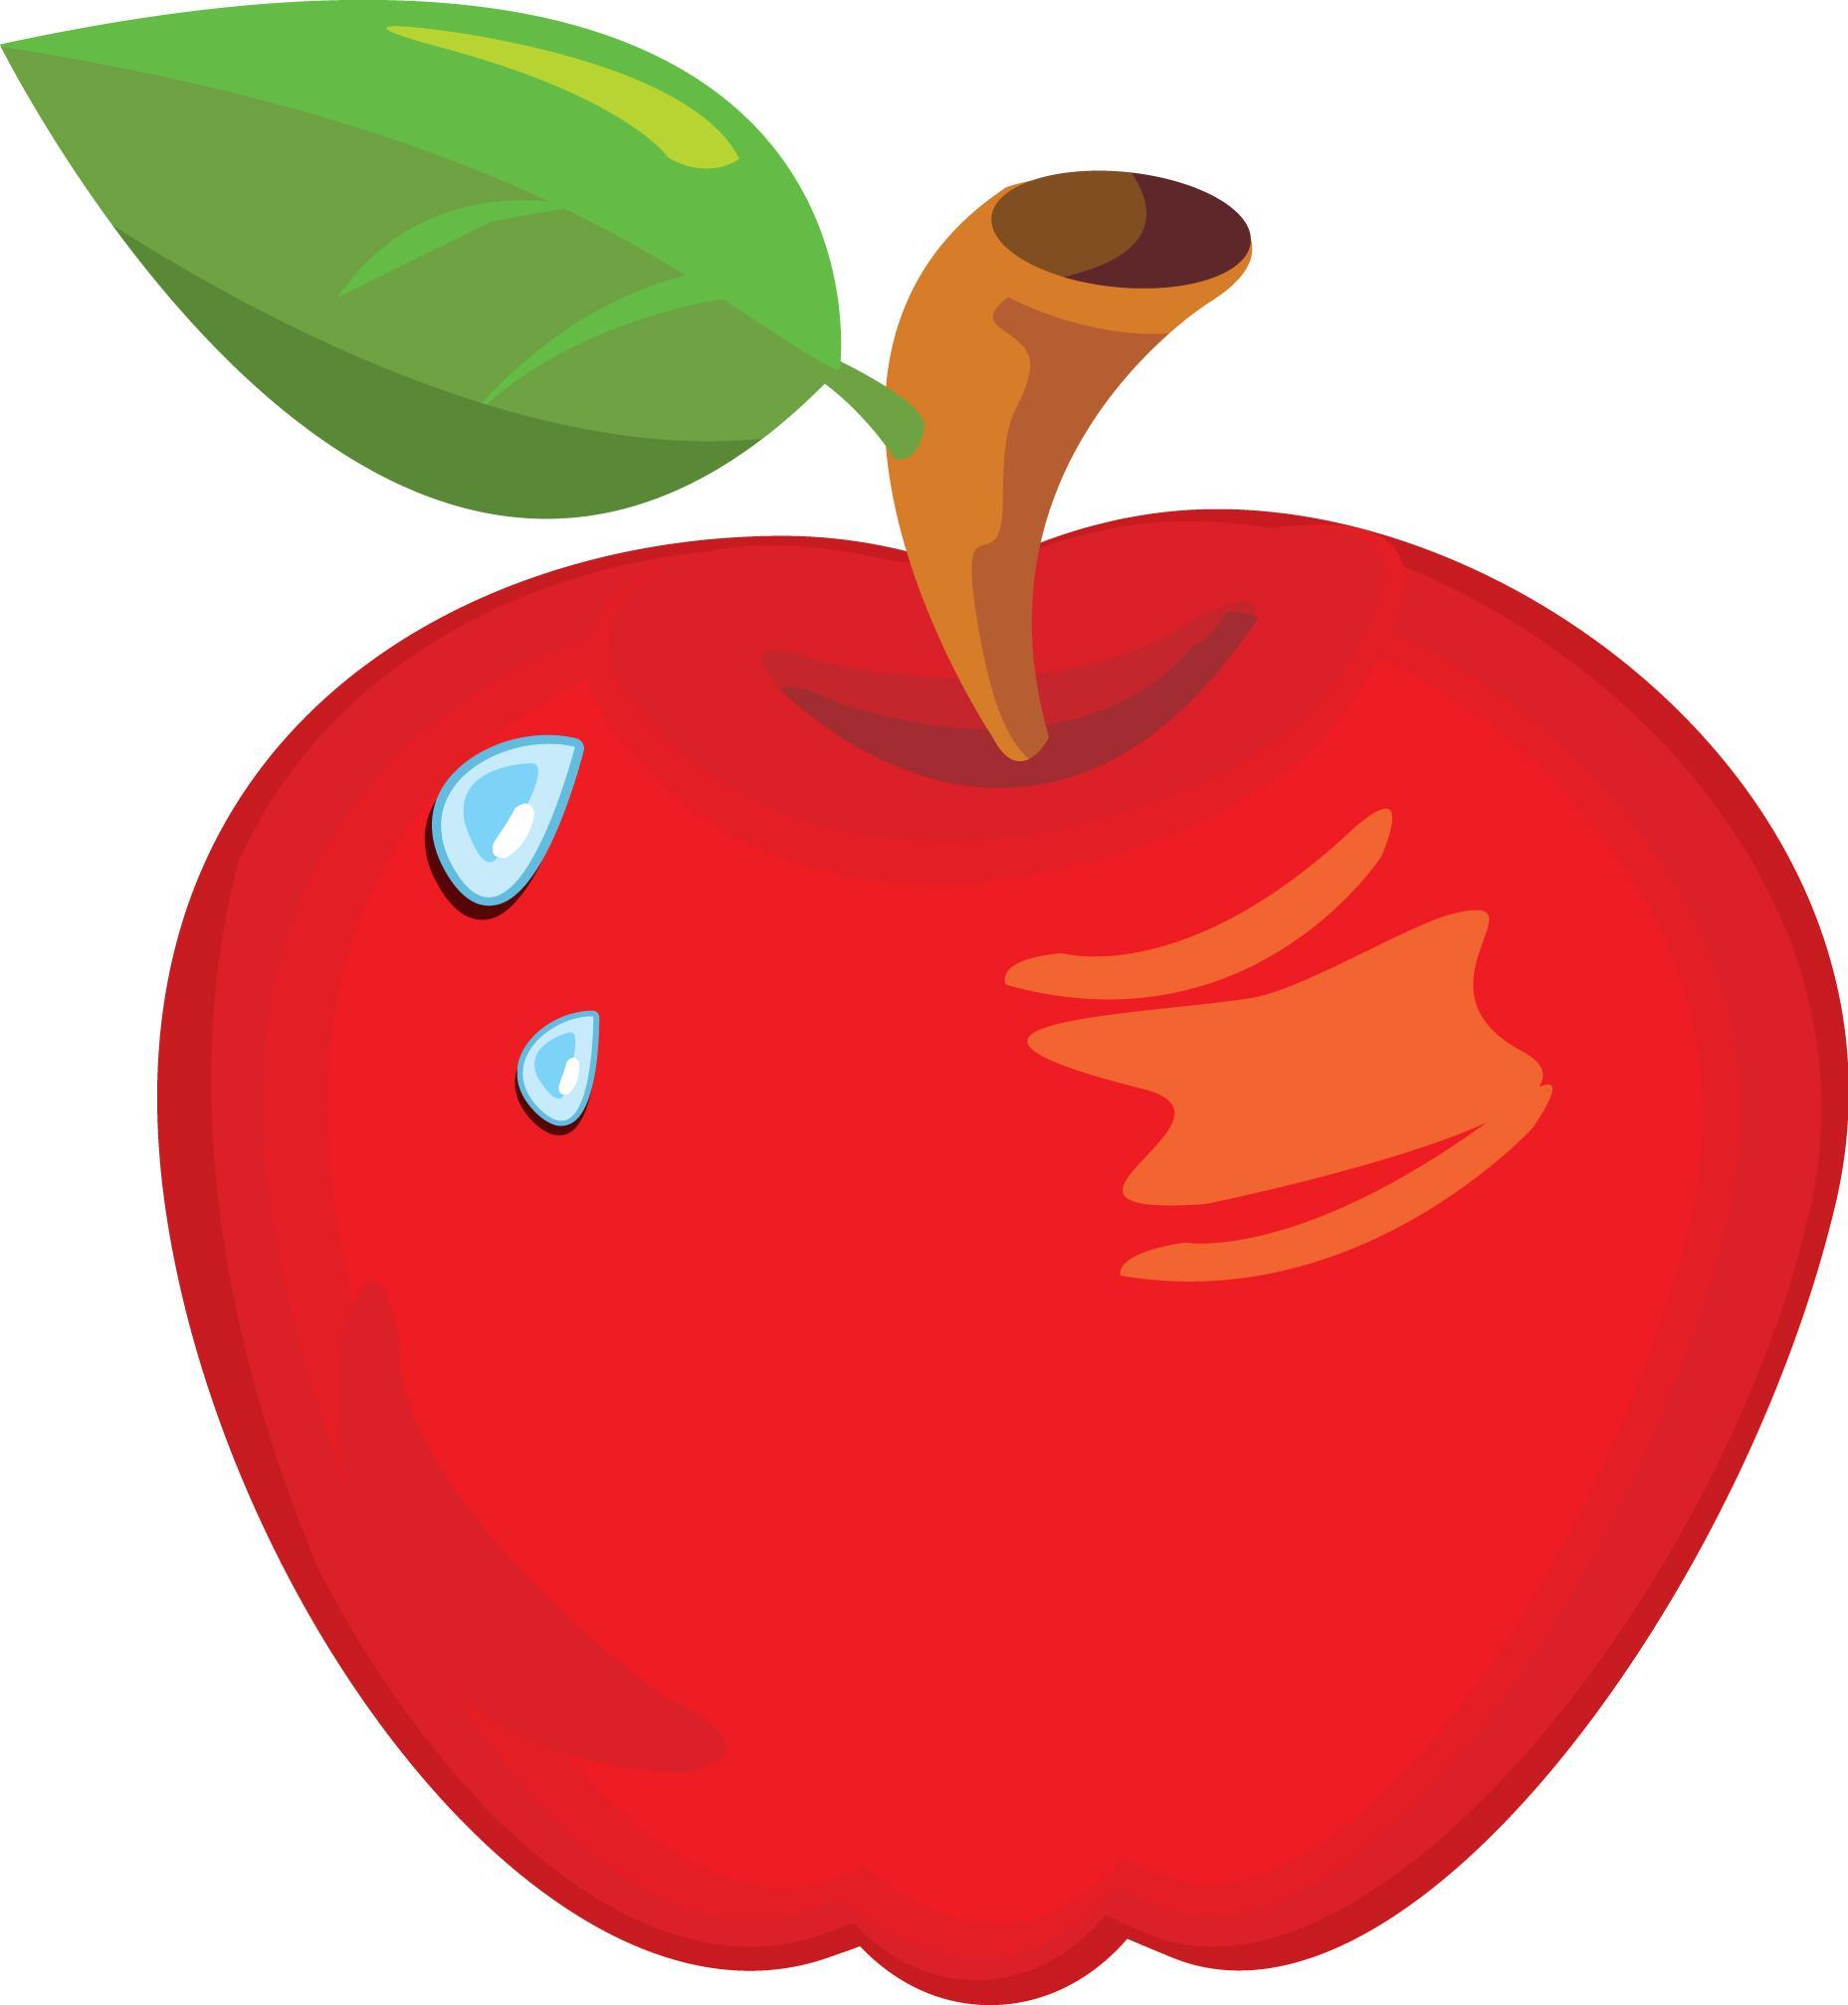 картинки для детей яблоко нарисованные